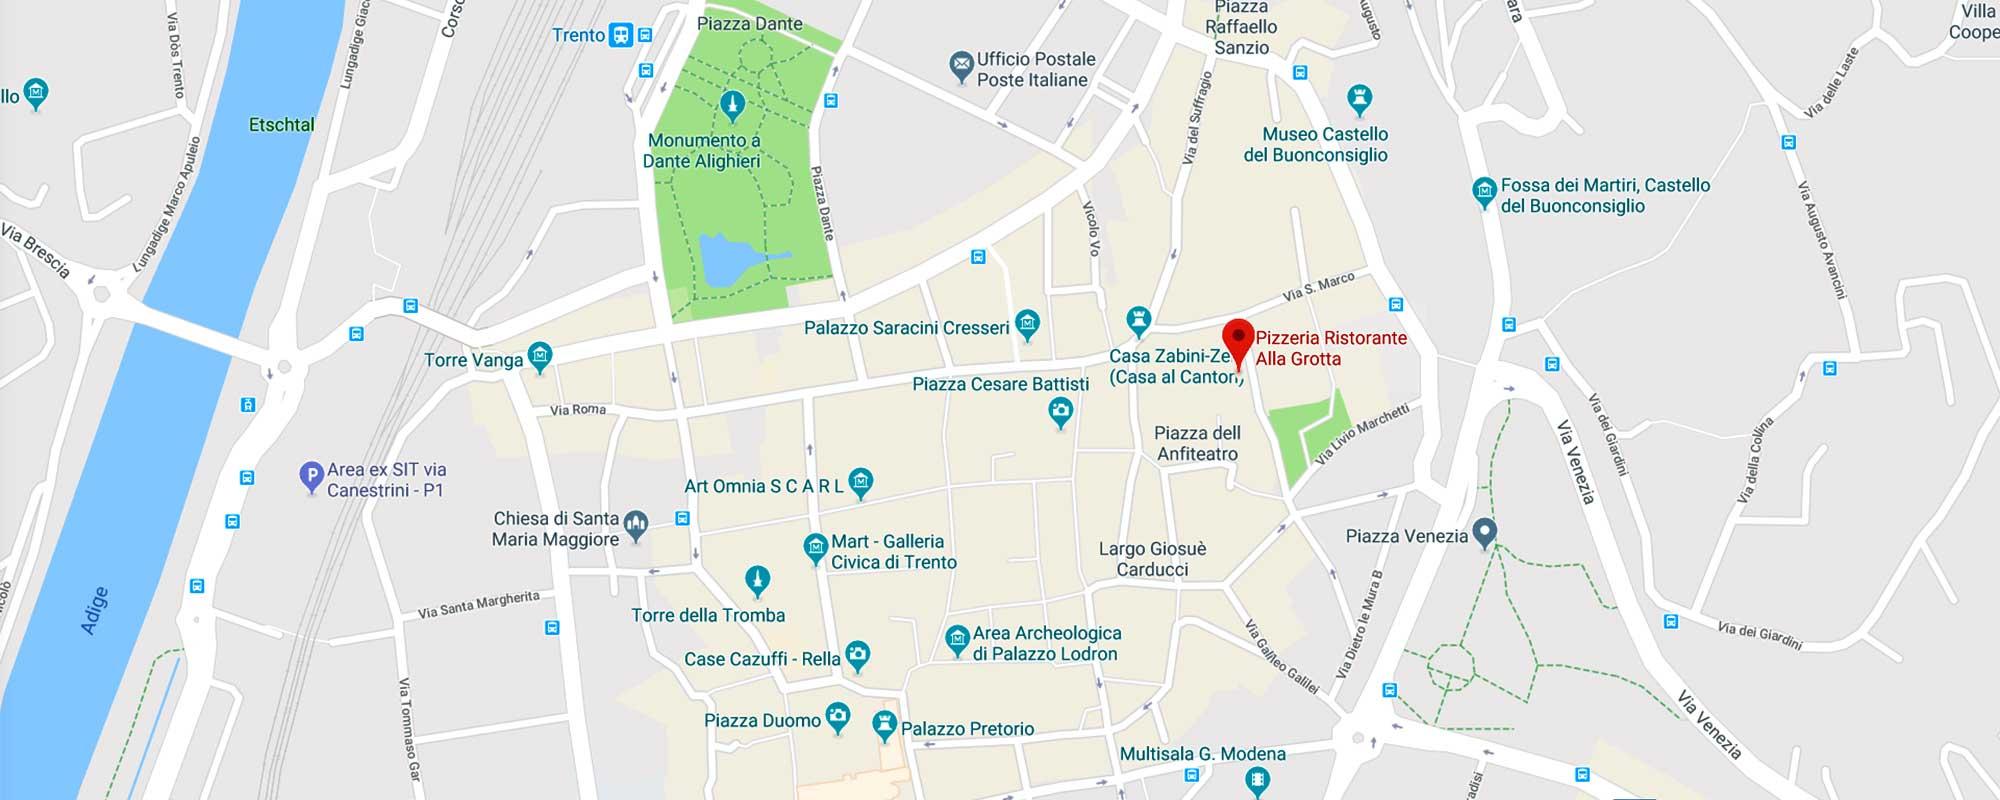 Mappa Trento centro storico e principali attrazioni